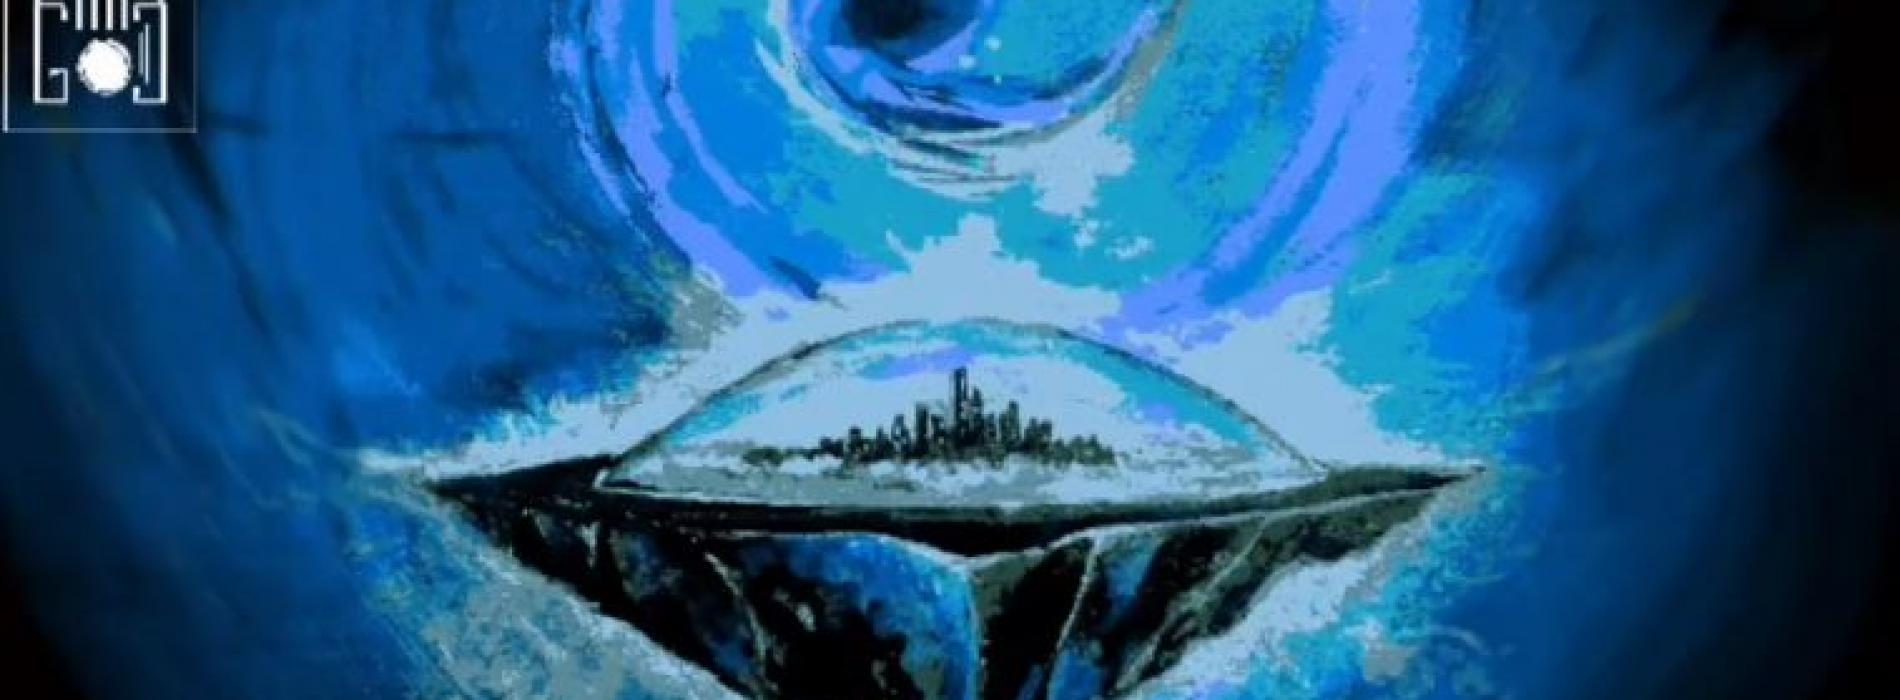 New Music : Man Till God – City of Mist :Awakened